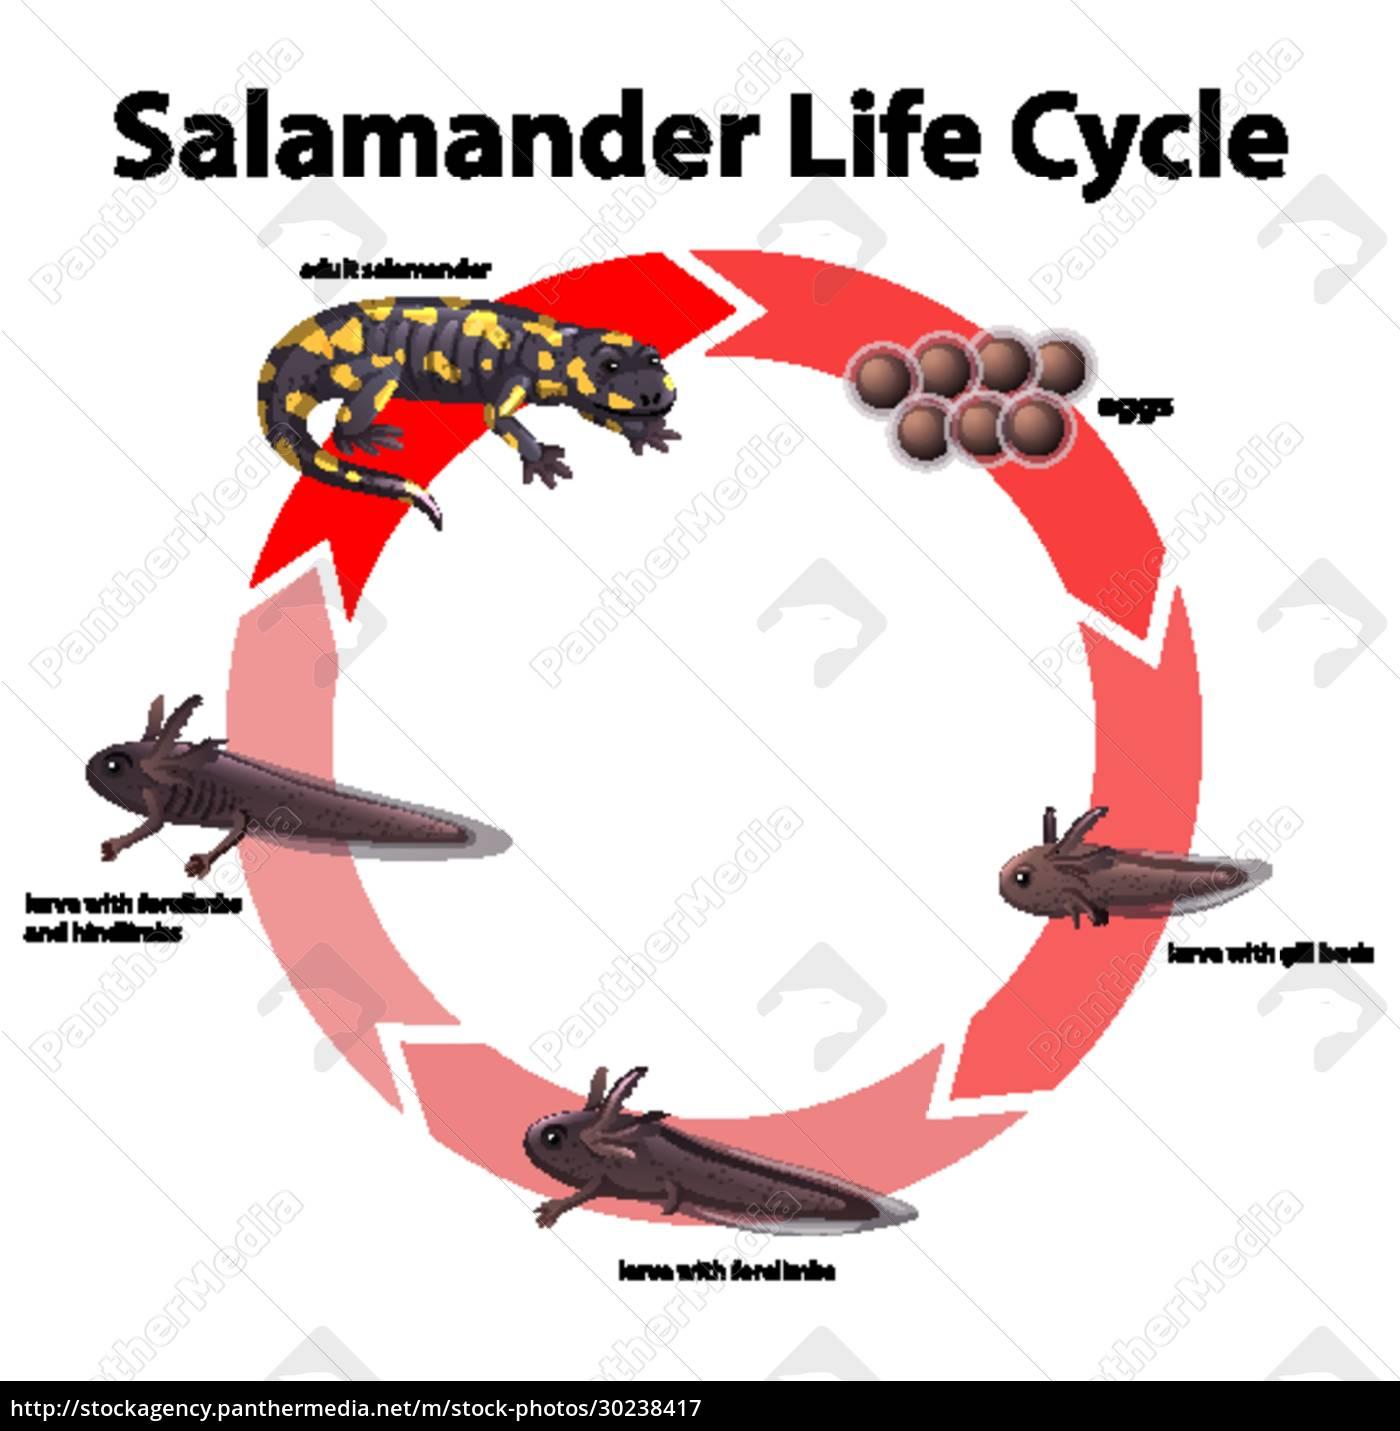 diagramm, das, den, lebenszyklus, von, salamander, zeigt - 30238417